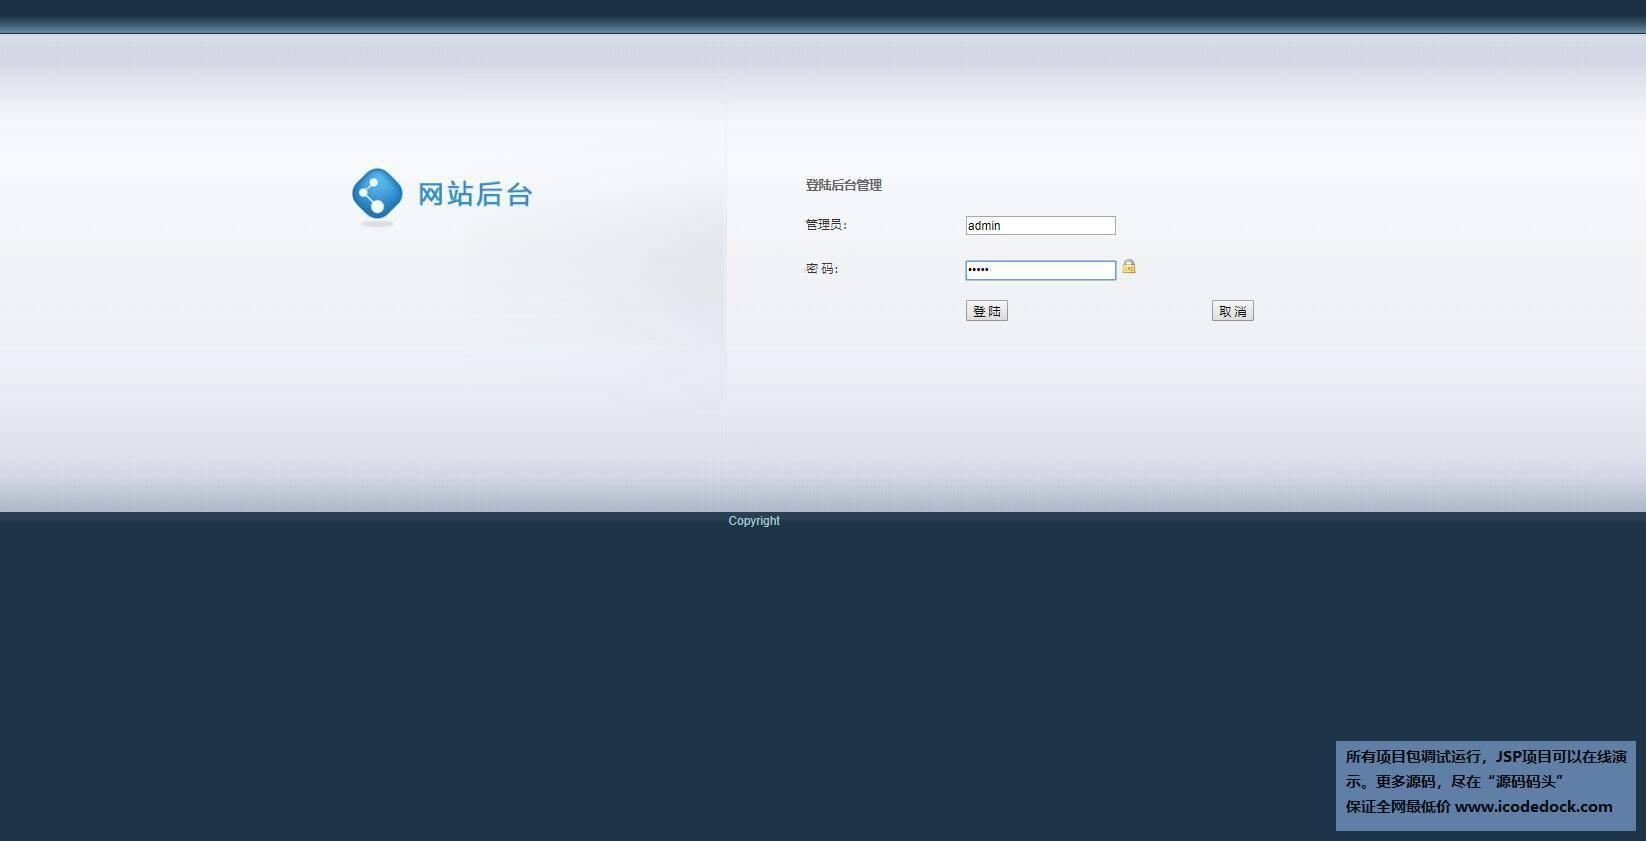 源码码头-JSP酒店预定管理系统-管理员角色-管理员登录